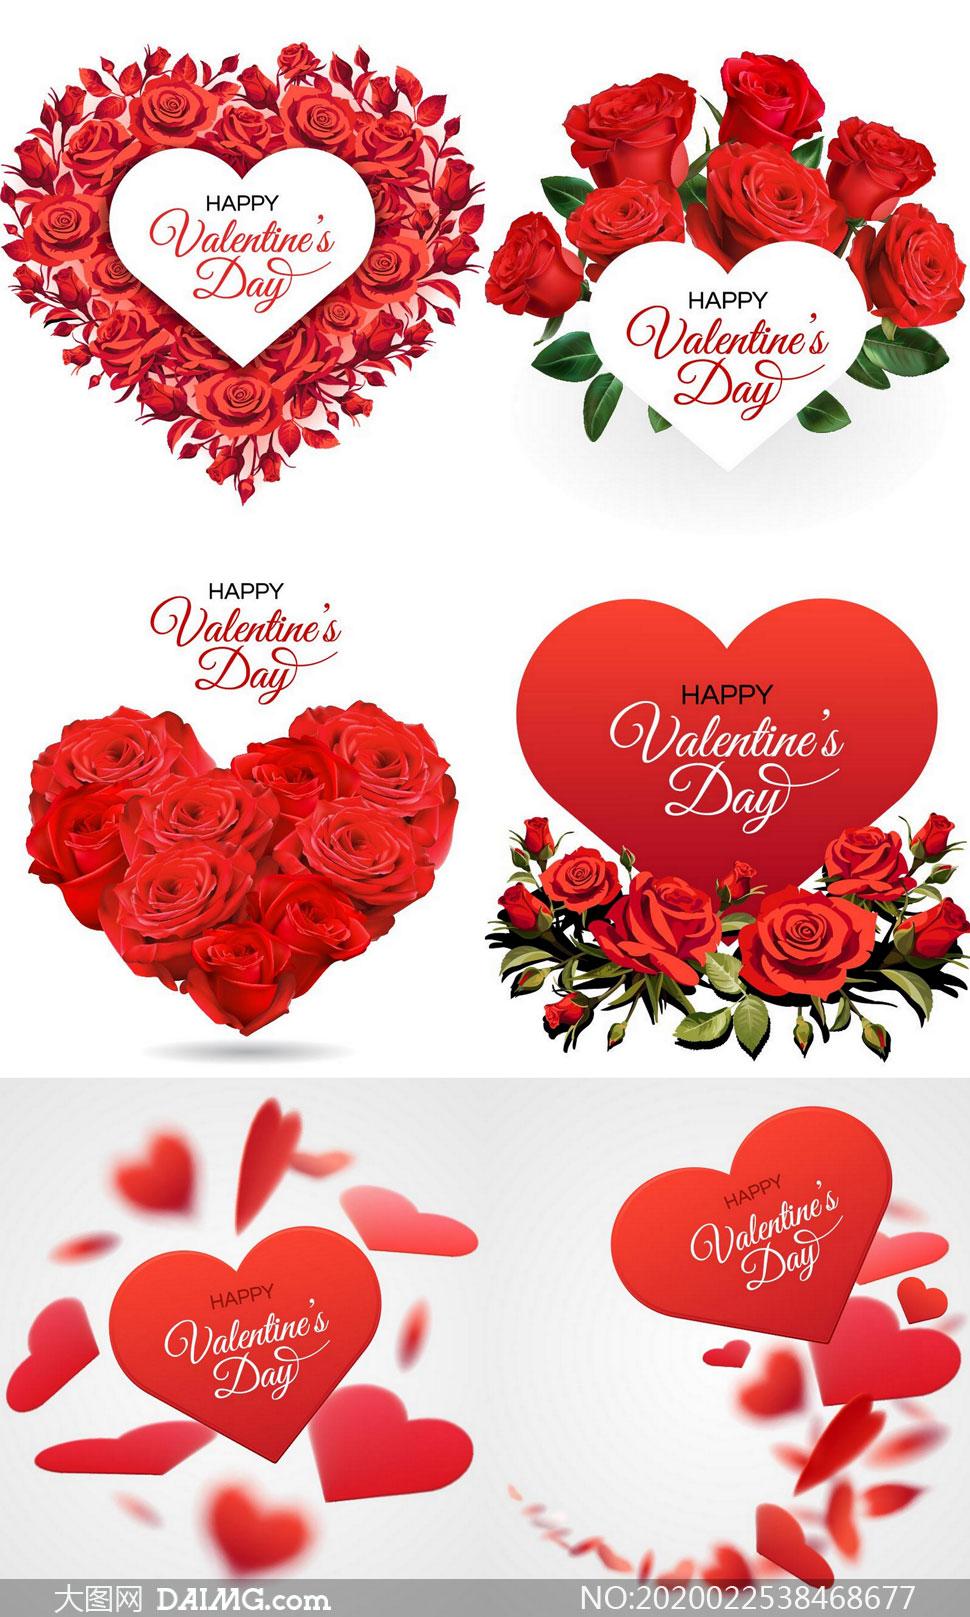 红玫瑰与桃心等情人节创意矢量素材